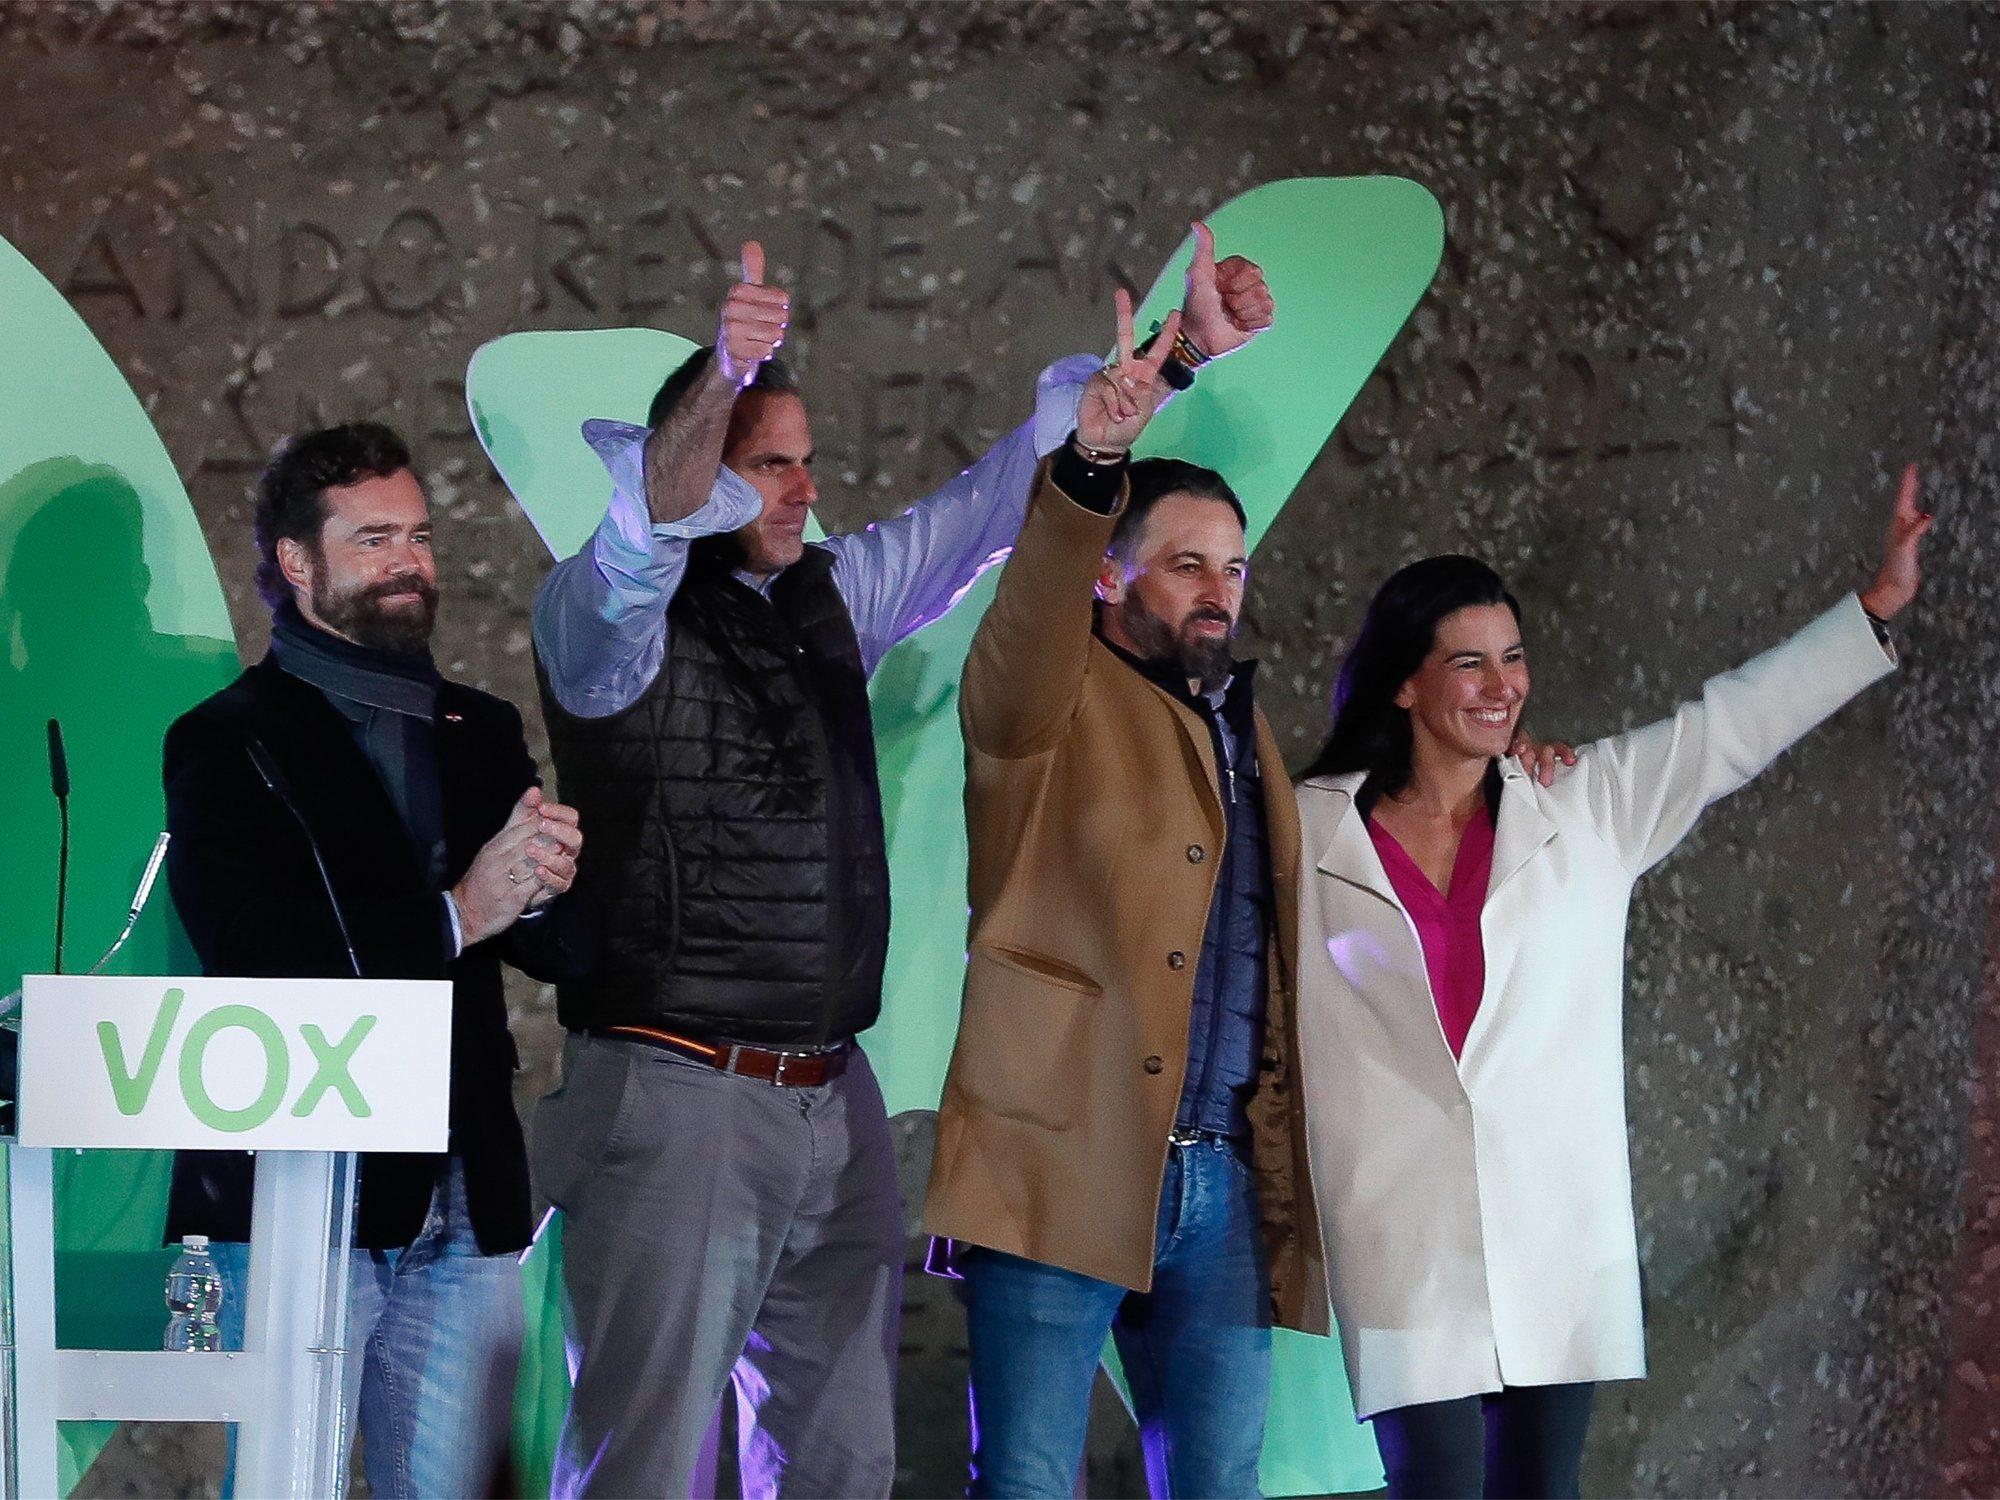 La Junta Electoral advierte a VOX de que no puede vetar a periodistas y sus líderes se van a misa